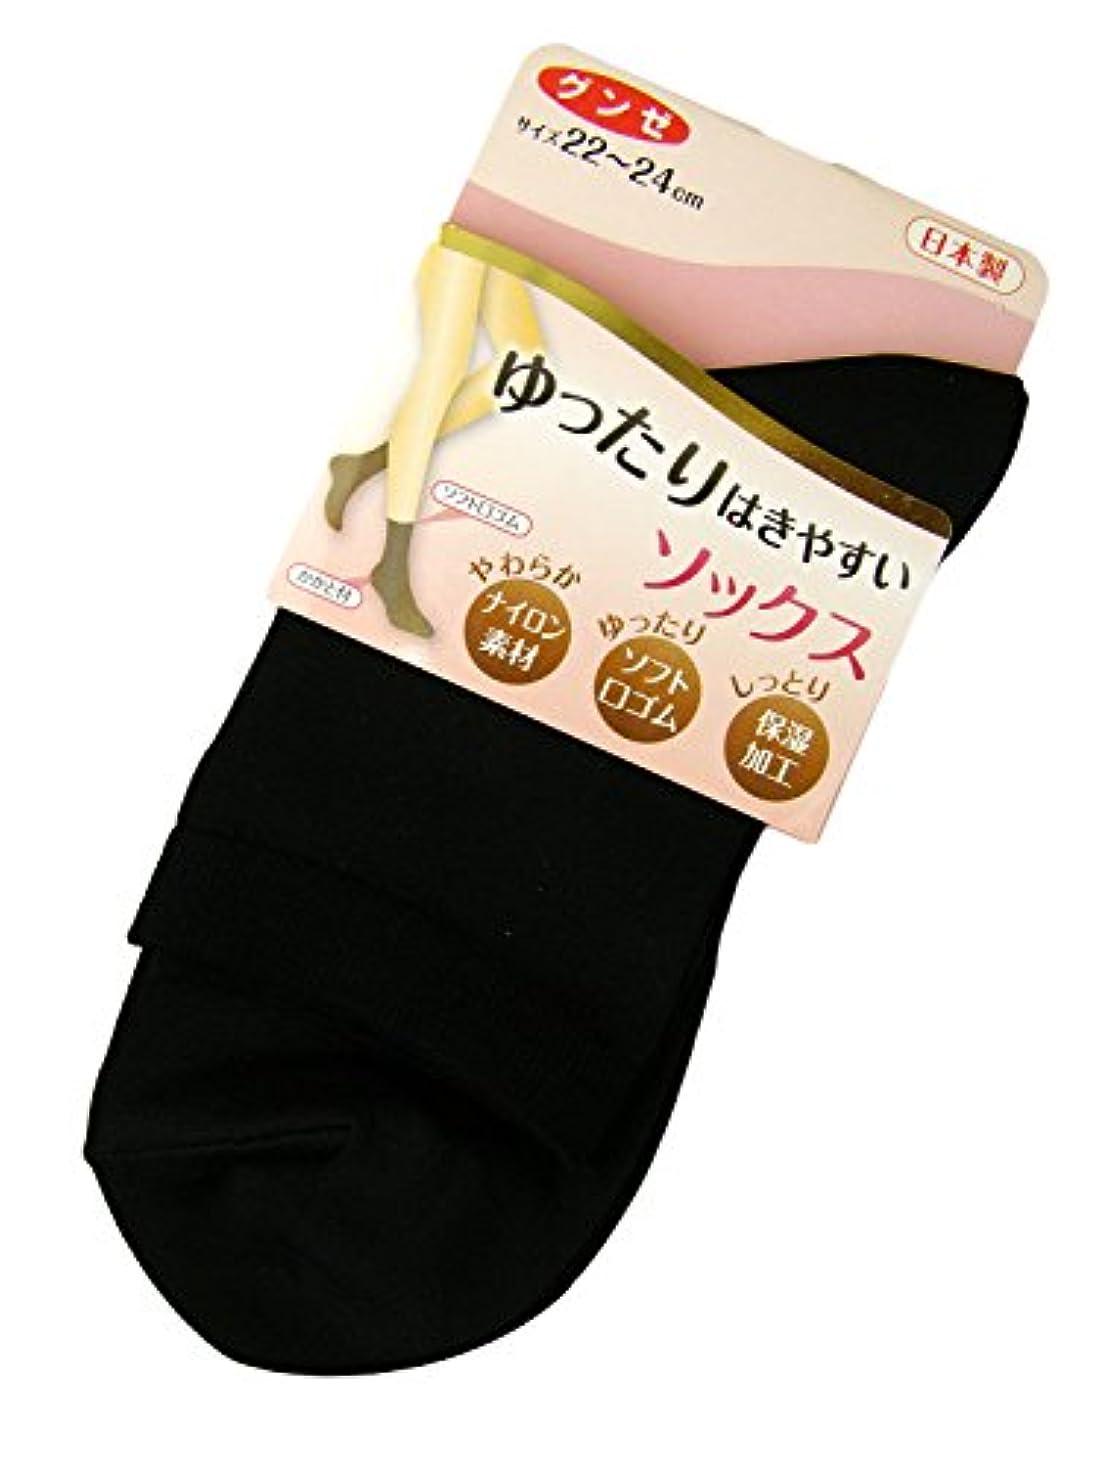 求人盆地コンサルタントAR0212 ミセススニーカーソックス(婦人靴下) ゆったりはきやすい 22-24cm ブラック